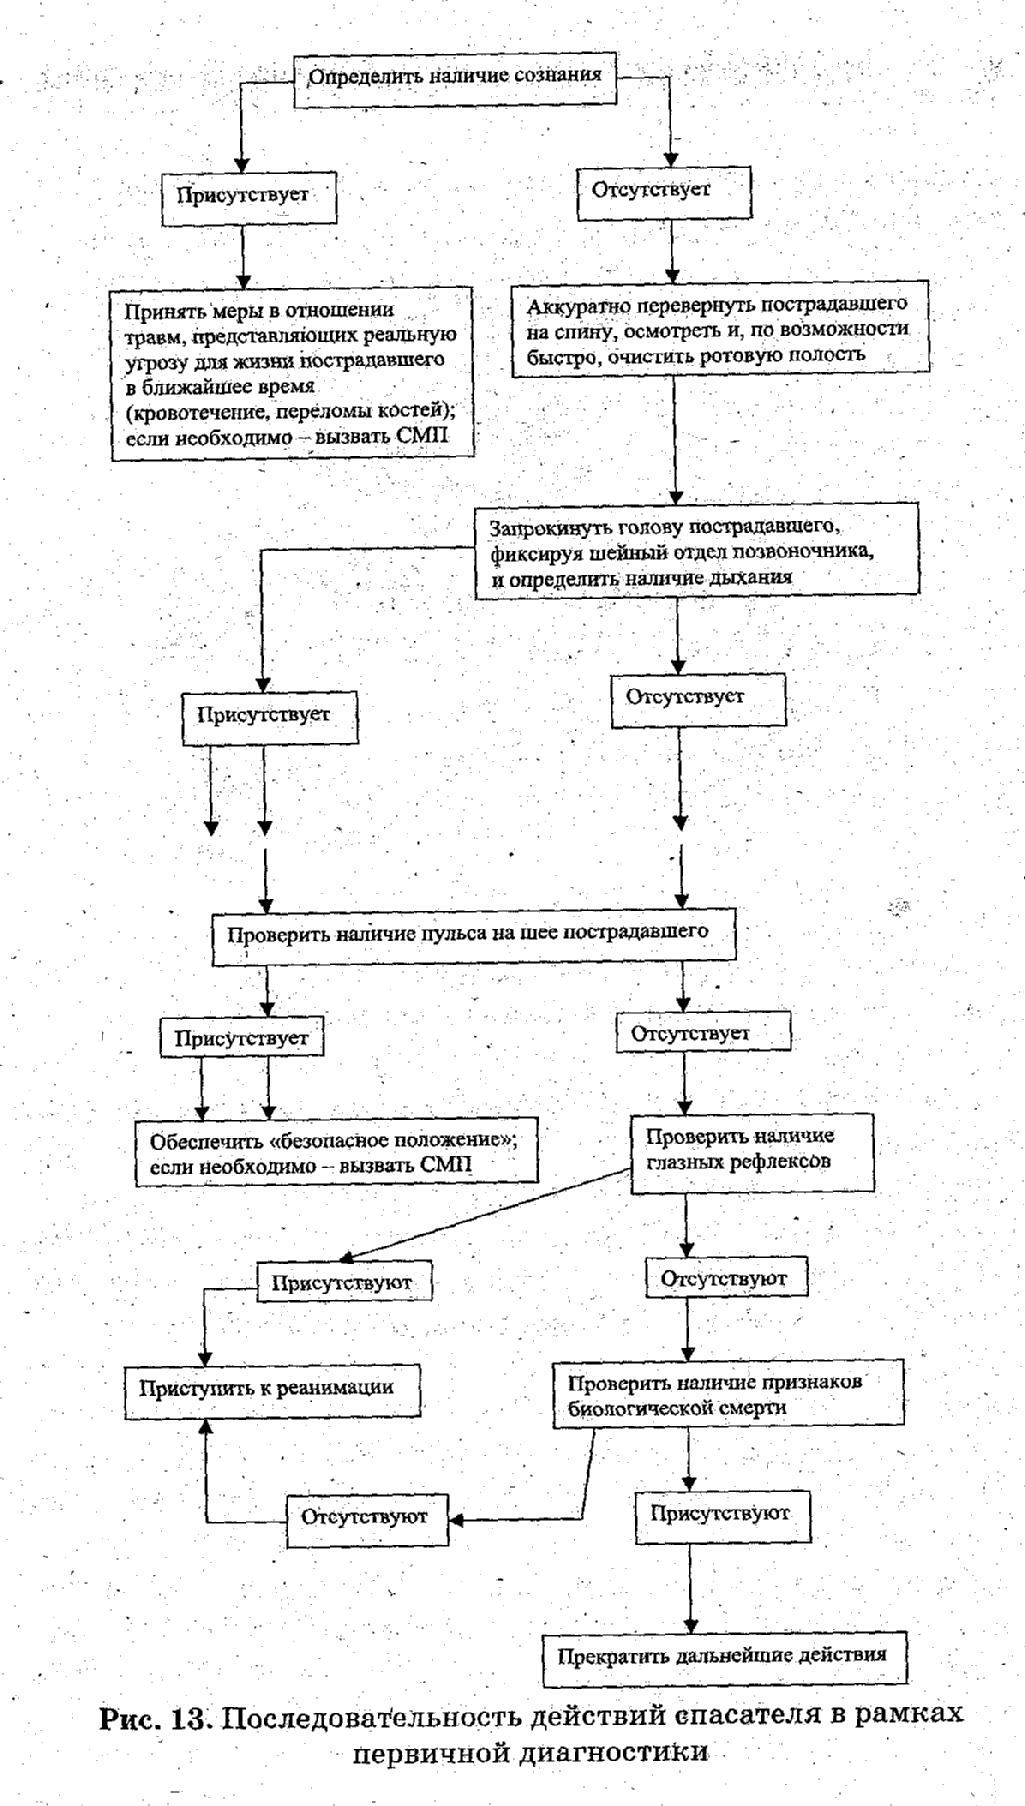 Сердечно-легочная реанимация по новым стандартам: что это, порядок проведения, критерии и этапы || Этапы первичной сердечно легочной реанимации